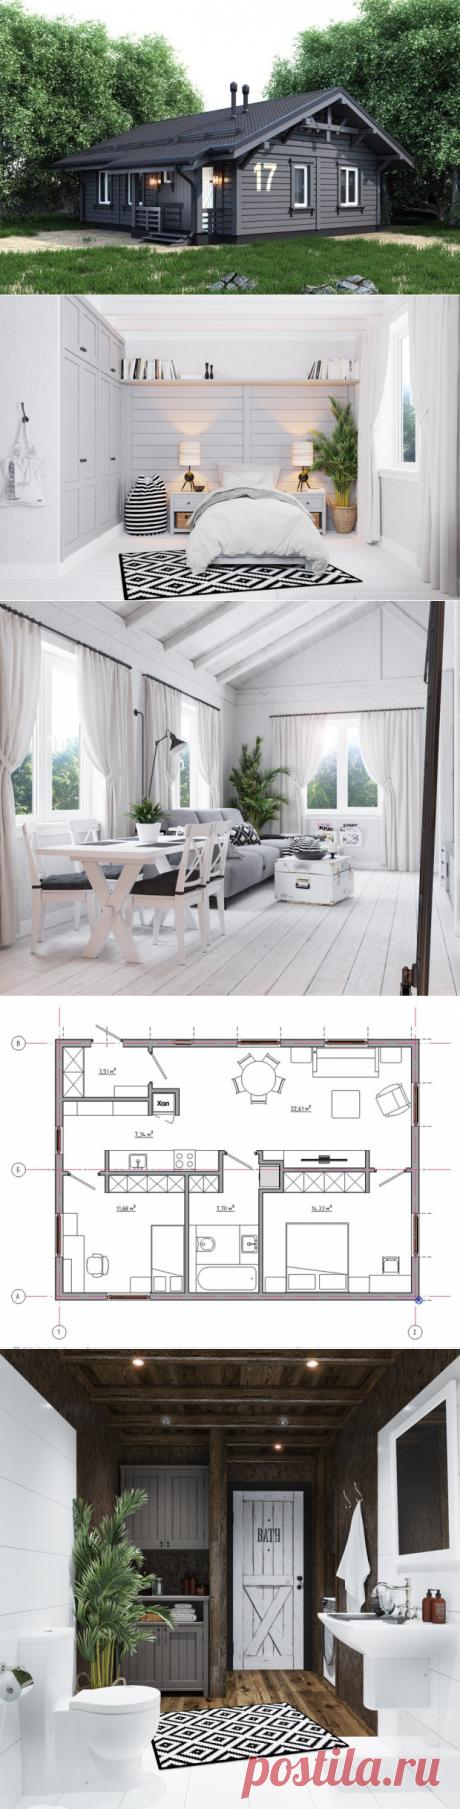 Можно ли построить дом за миллион: интересный проект | Свежие идеи дизайна интерьеров, декора, архитектуры на INMYROOM